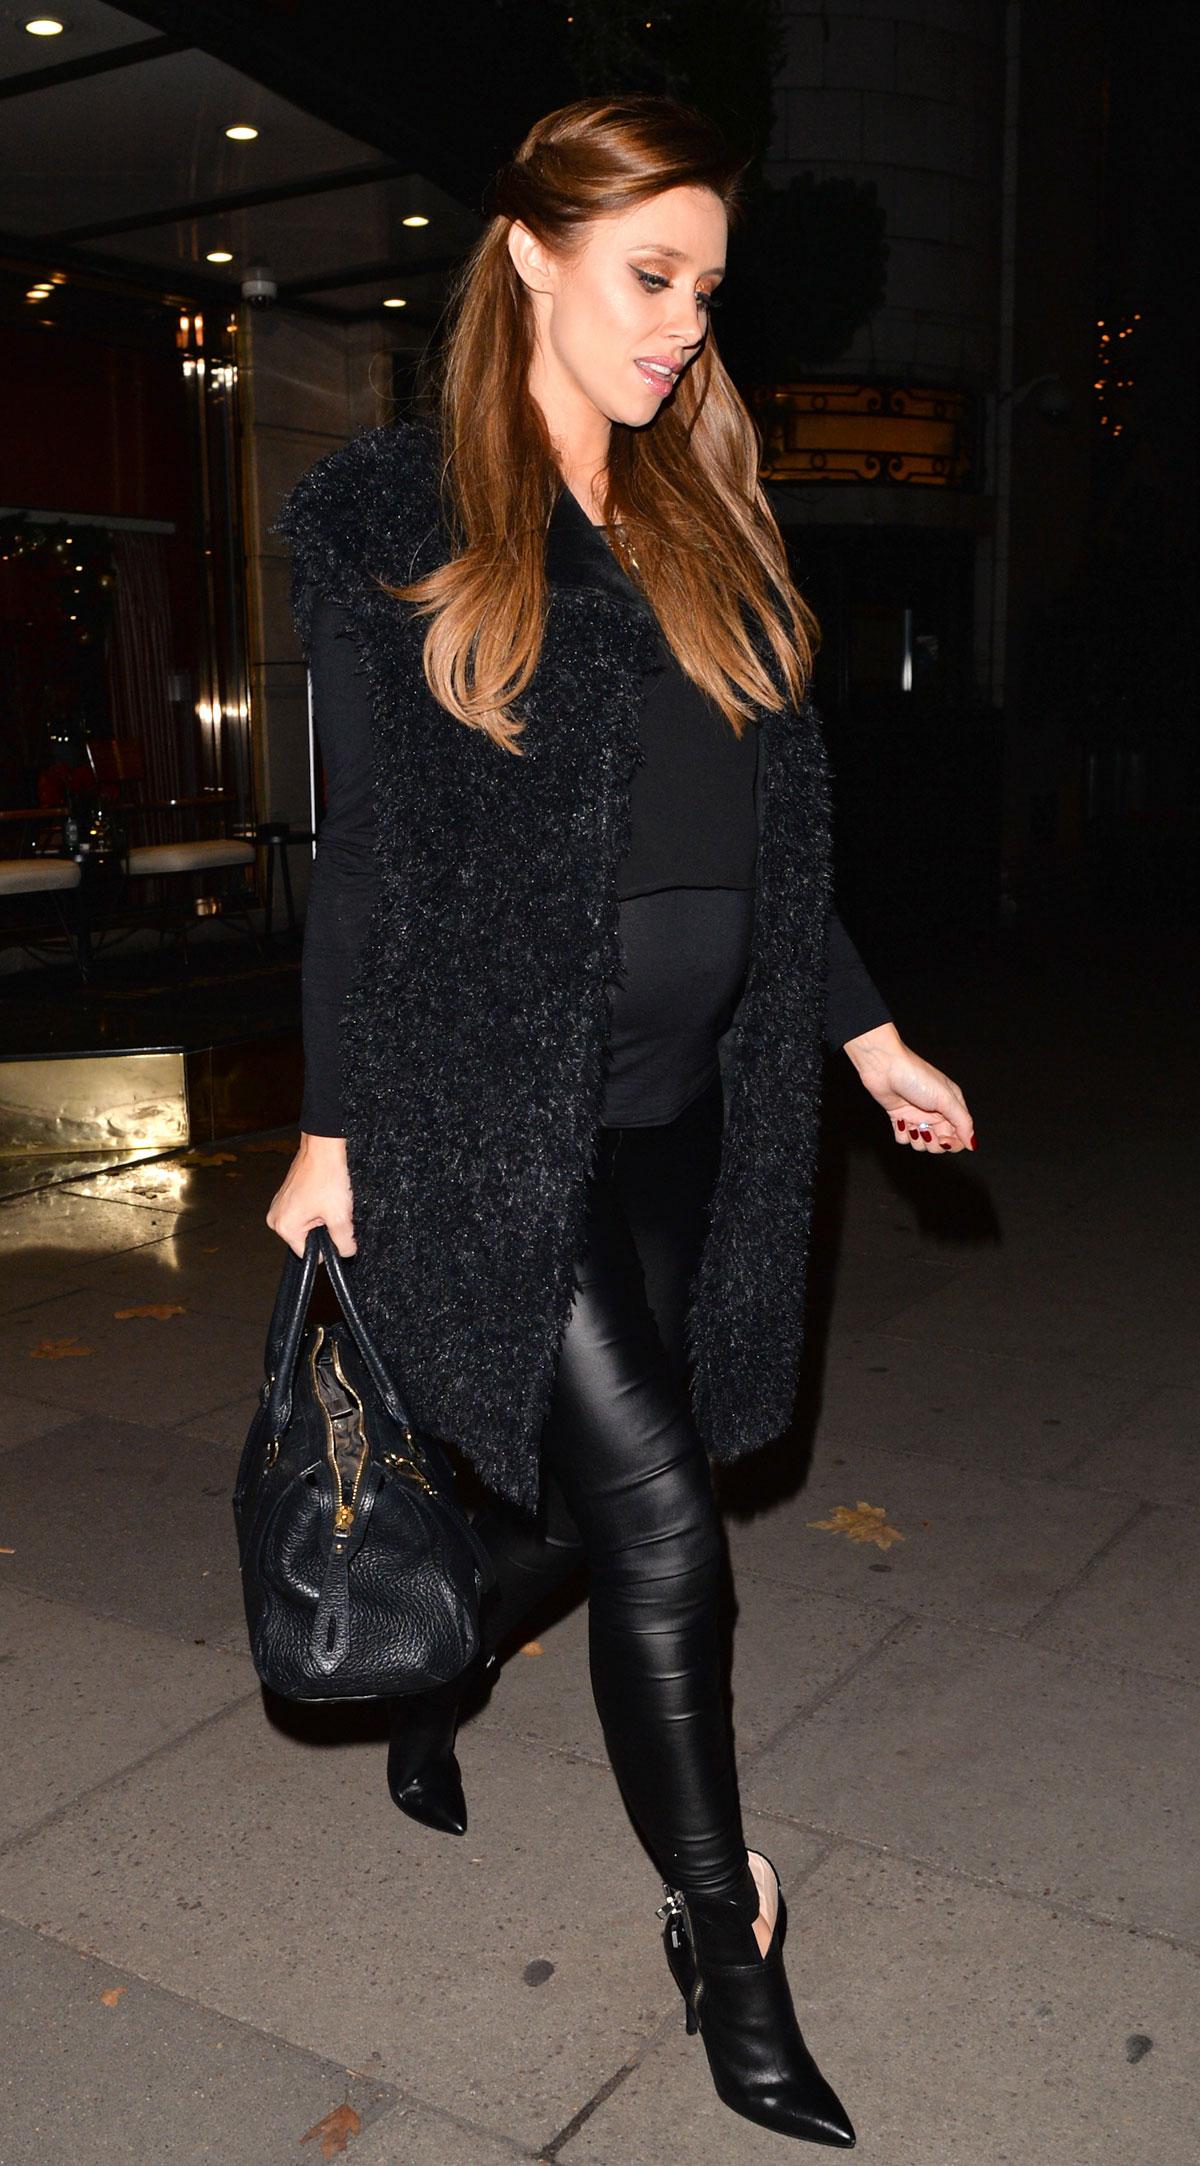 Una Healy leaving hotel in London